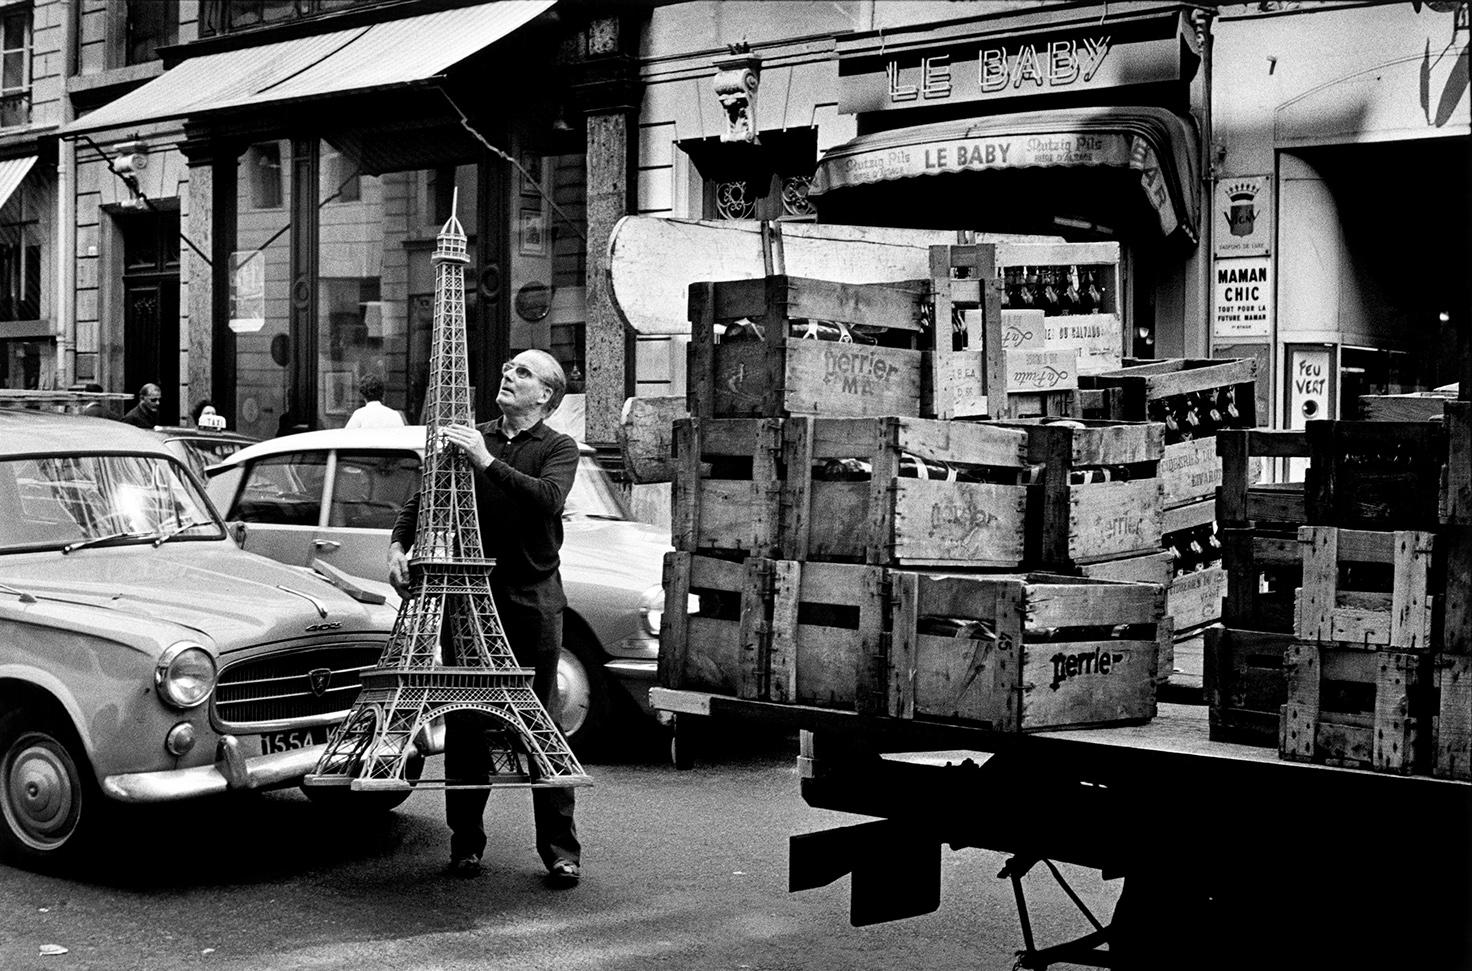 Paris, 1966 (c) Elliott Erwitt / Magnum Photos, courtesy OstLicht. Galerie für Fotografie